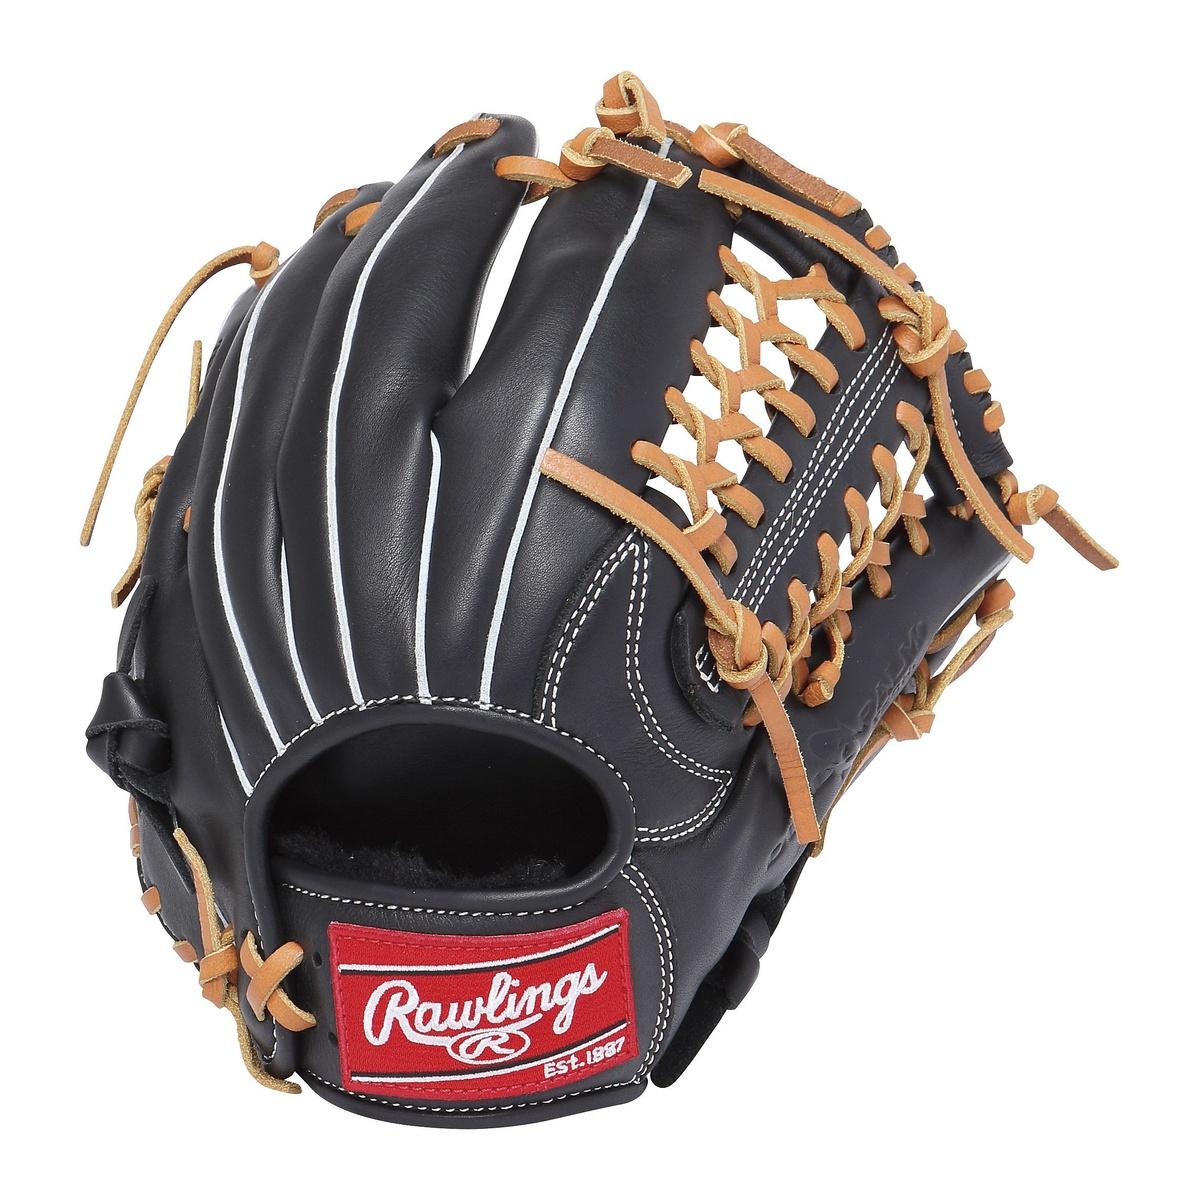 【送料無料】 Rawlings (ローリングス) 野球 少年軟式グローブ JR.ナンシキ ゲーマー レザー 112-B ブラック GJ7FG112